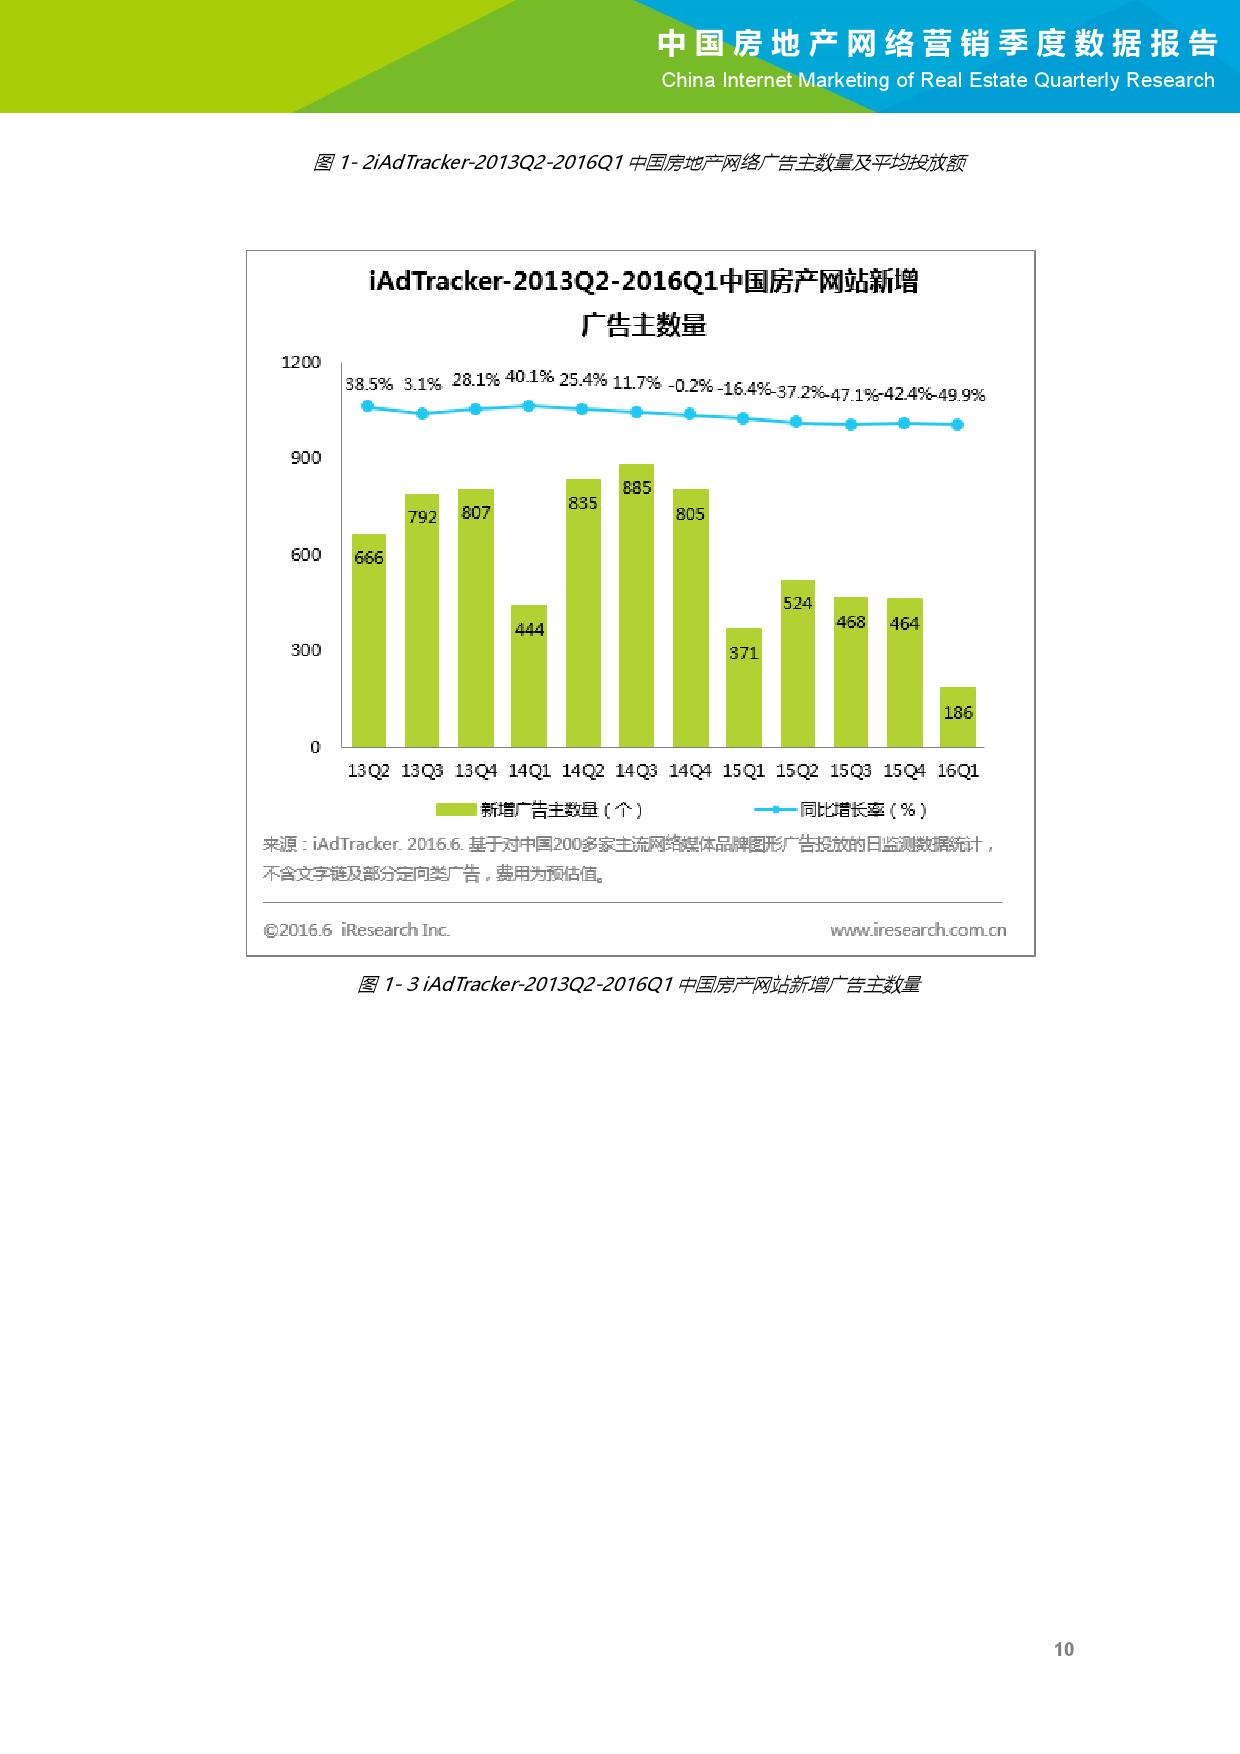 2016年Q1中国房地产网络营销季度数据报告_000011